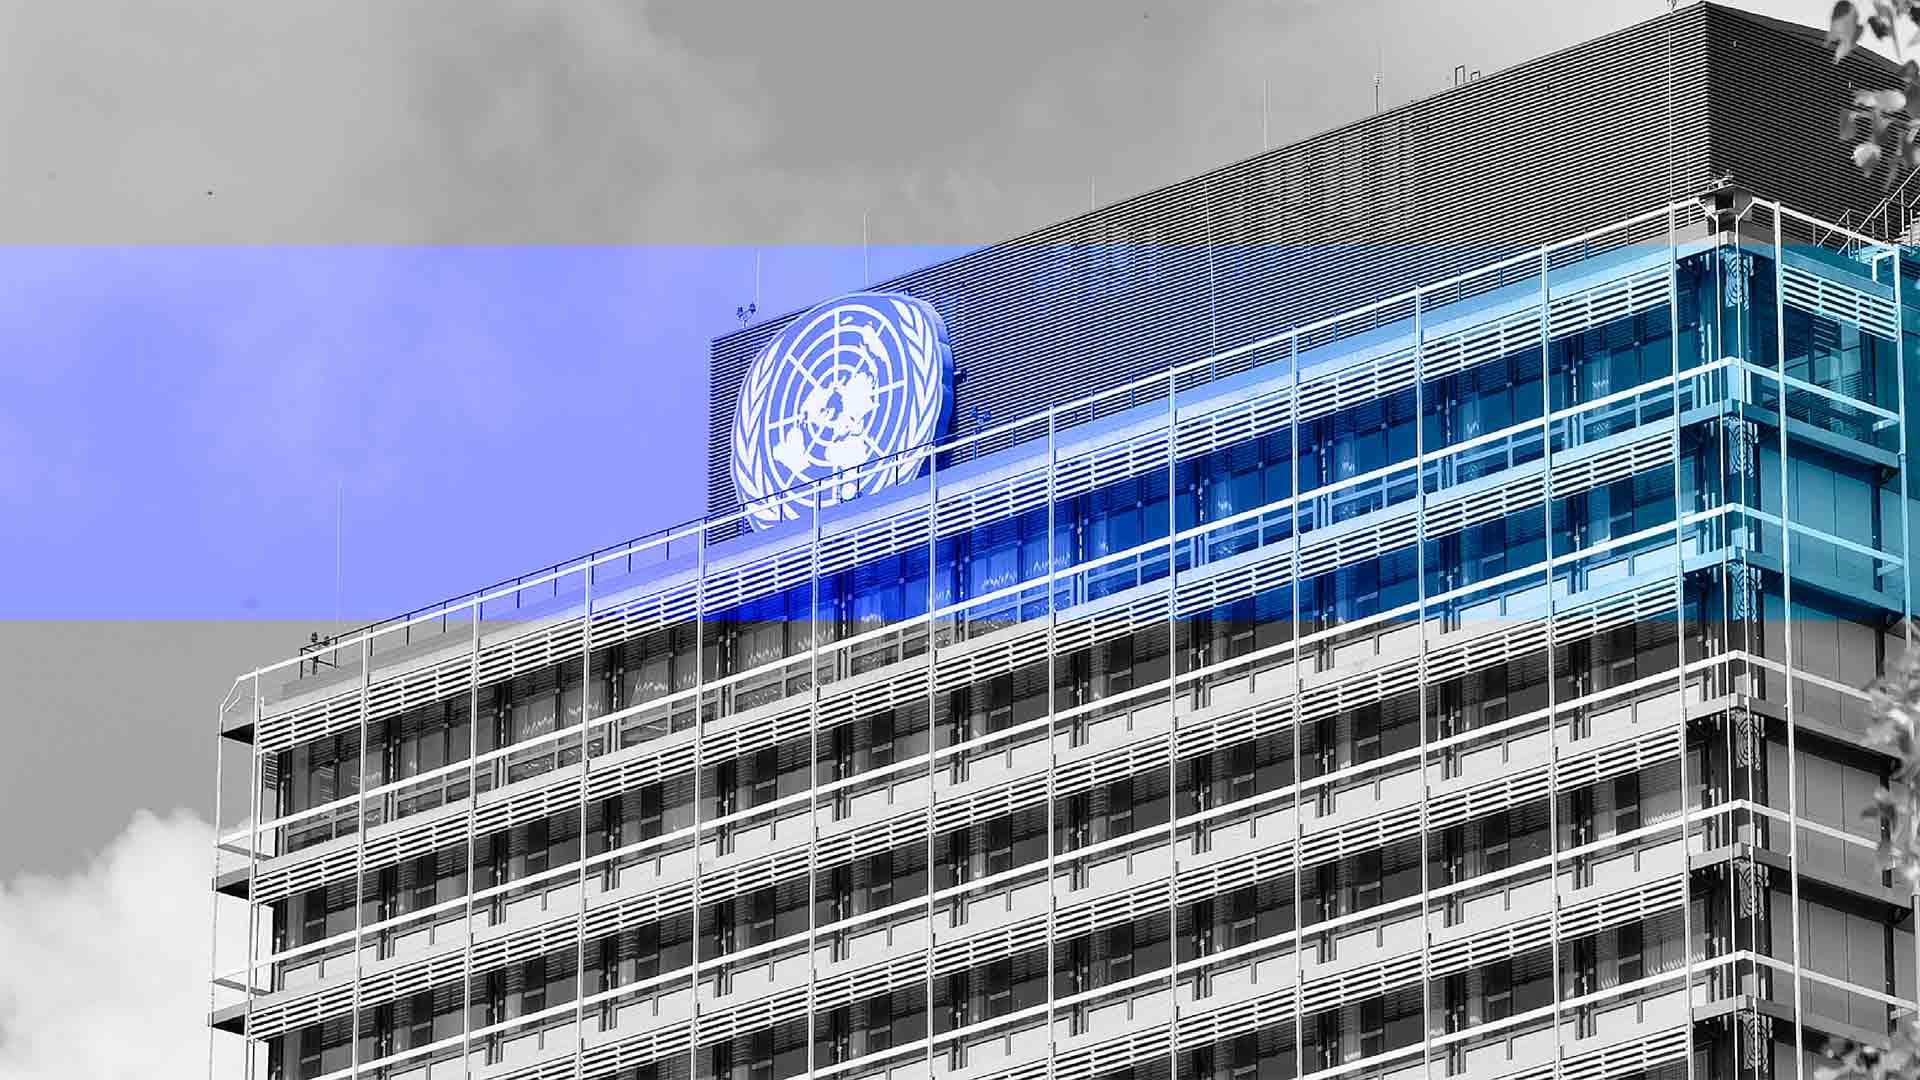 ¿Qué le pasa a las Naciones Unidas?, por Tony Bianchi*